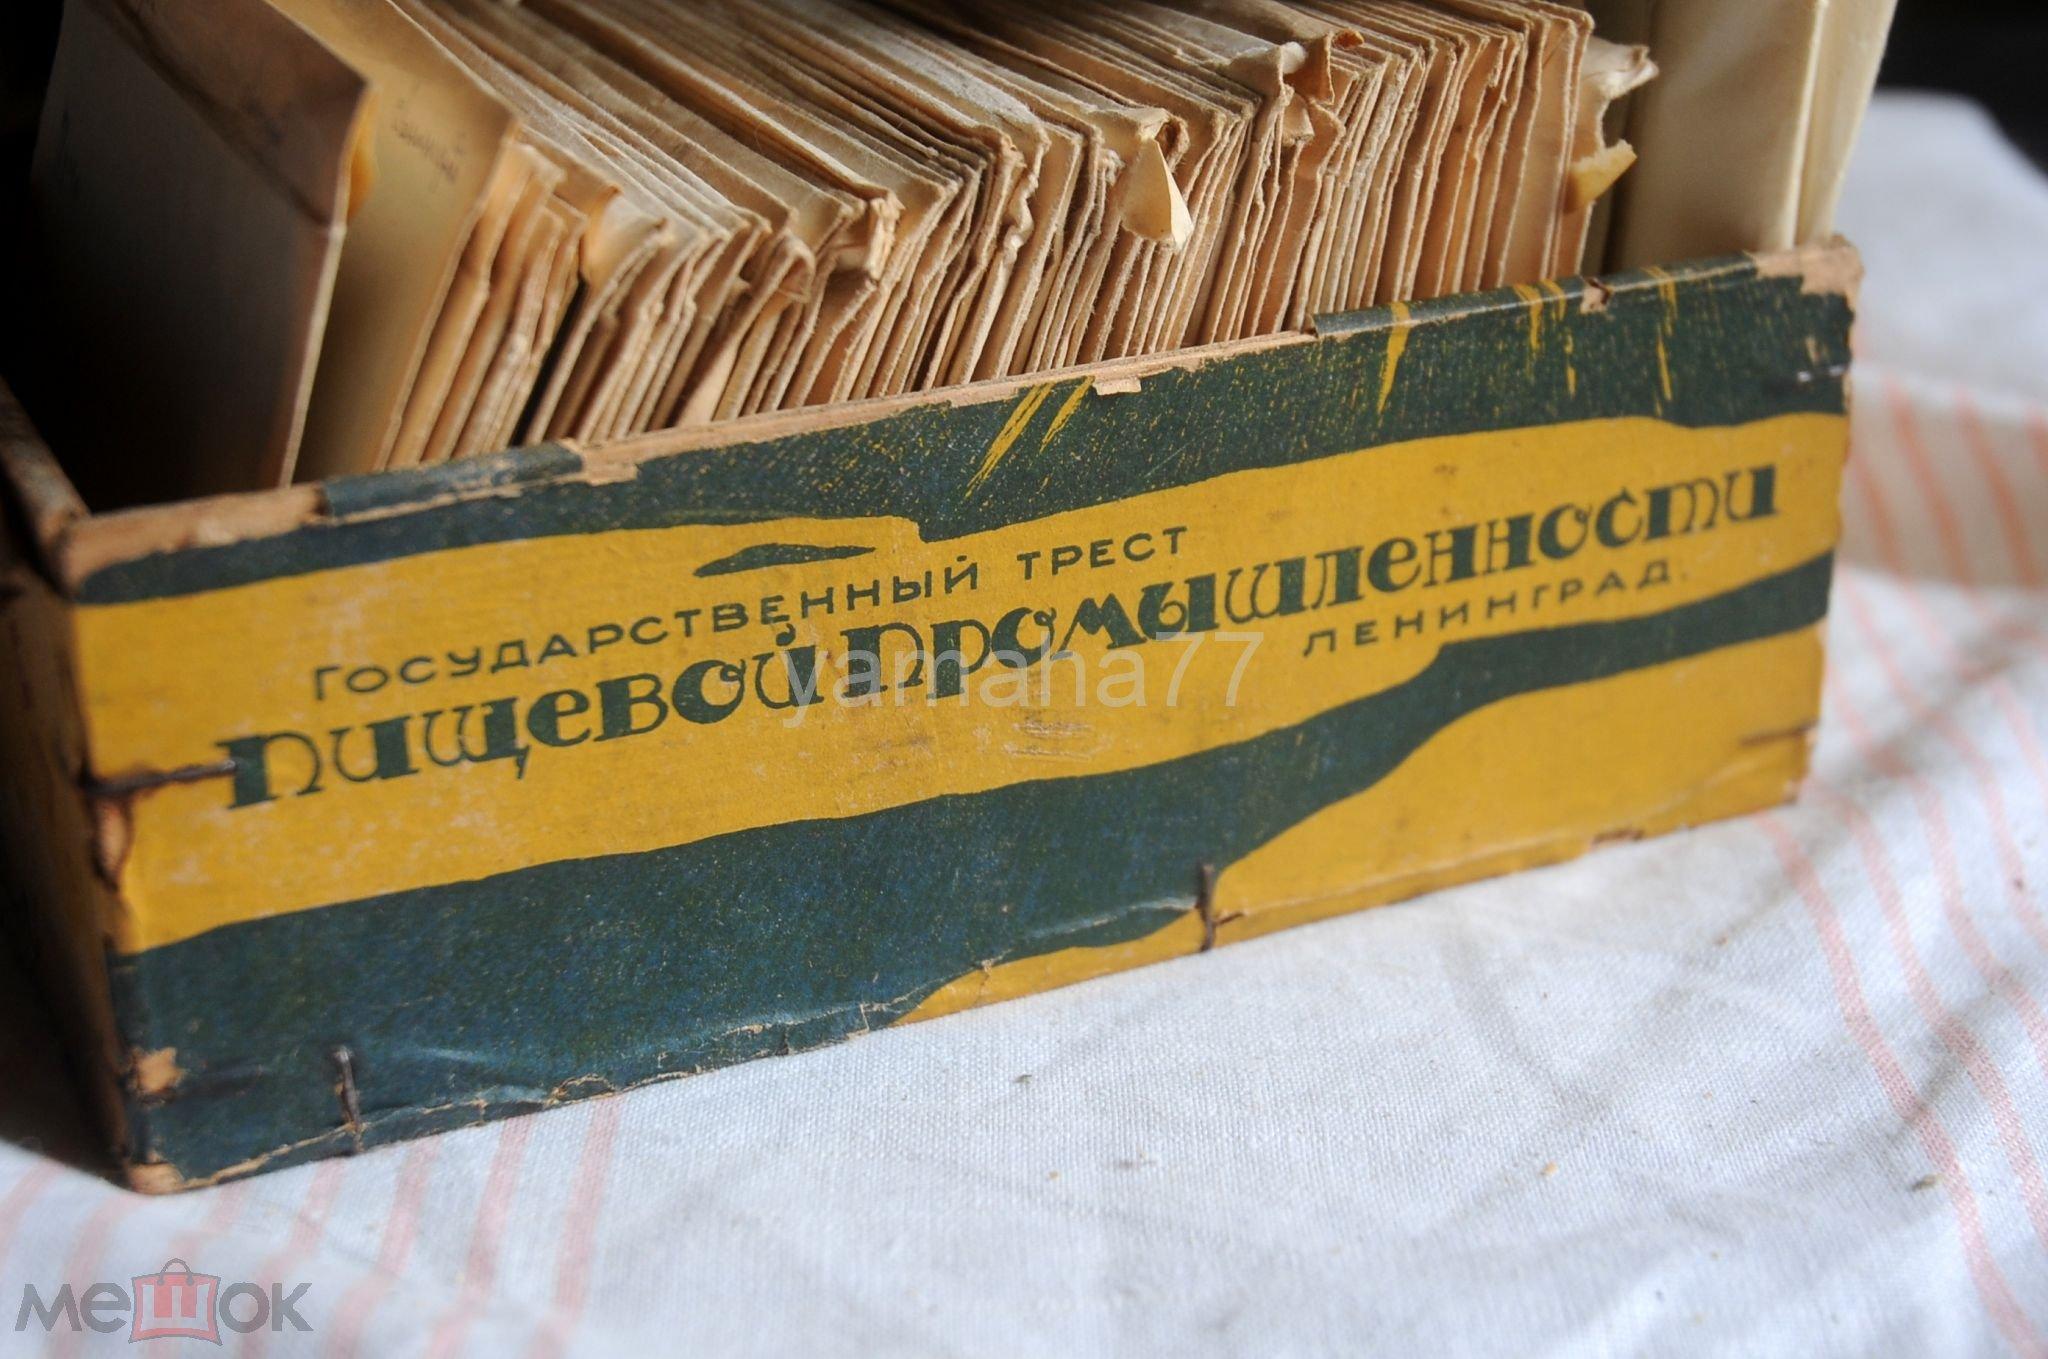 коробка бисквит смесь орел государственный трест пищевой промышленности ленинград 1920 годы